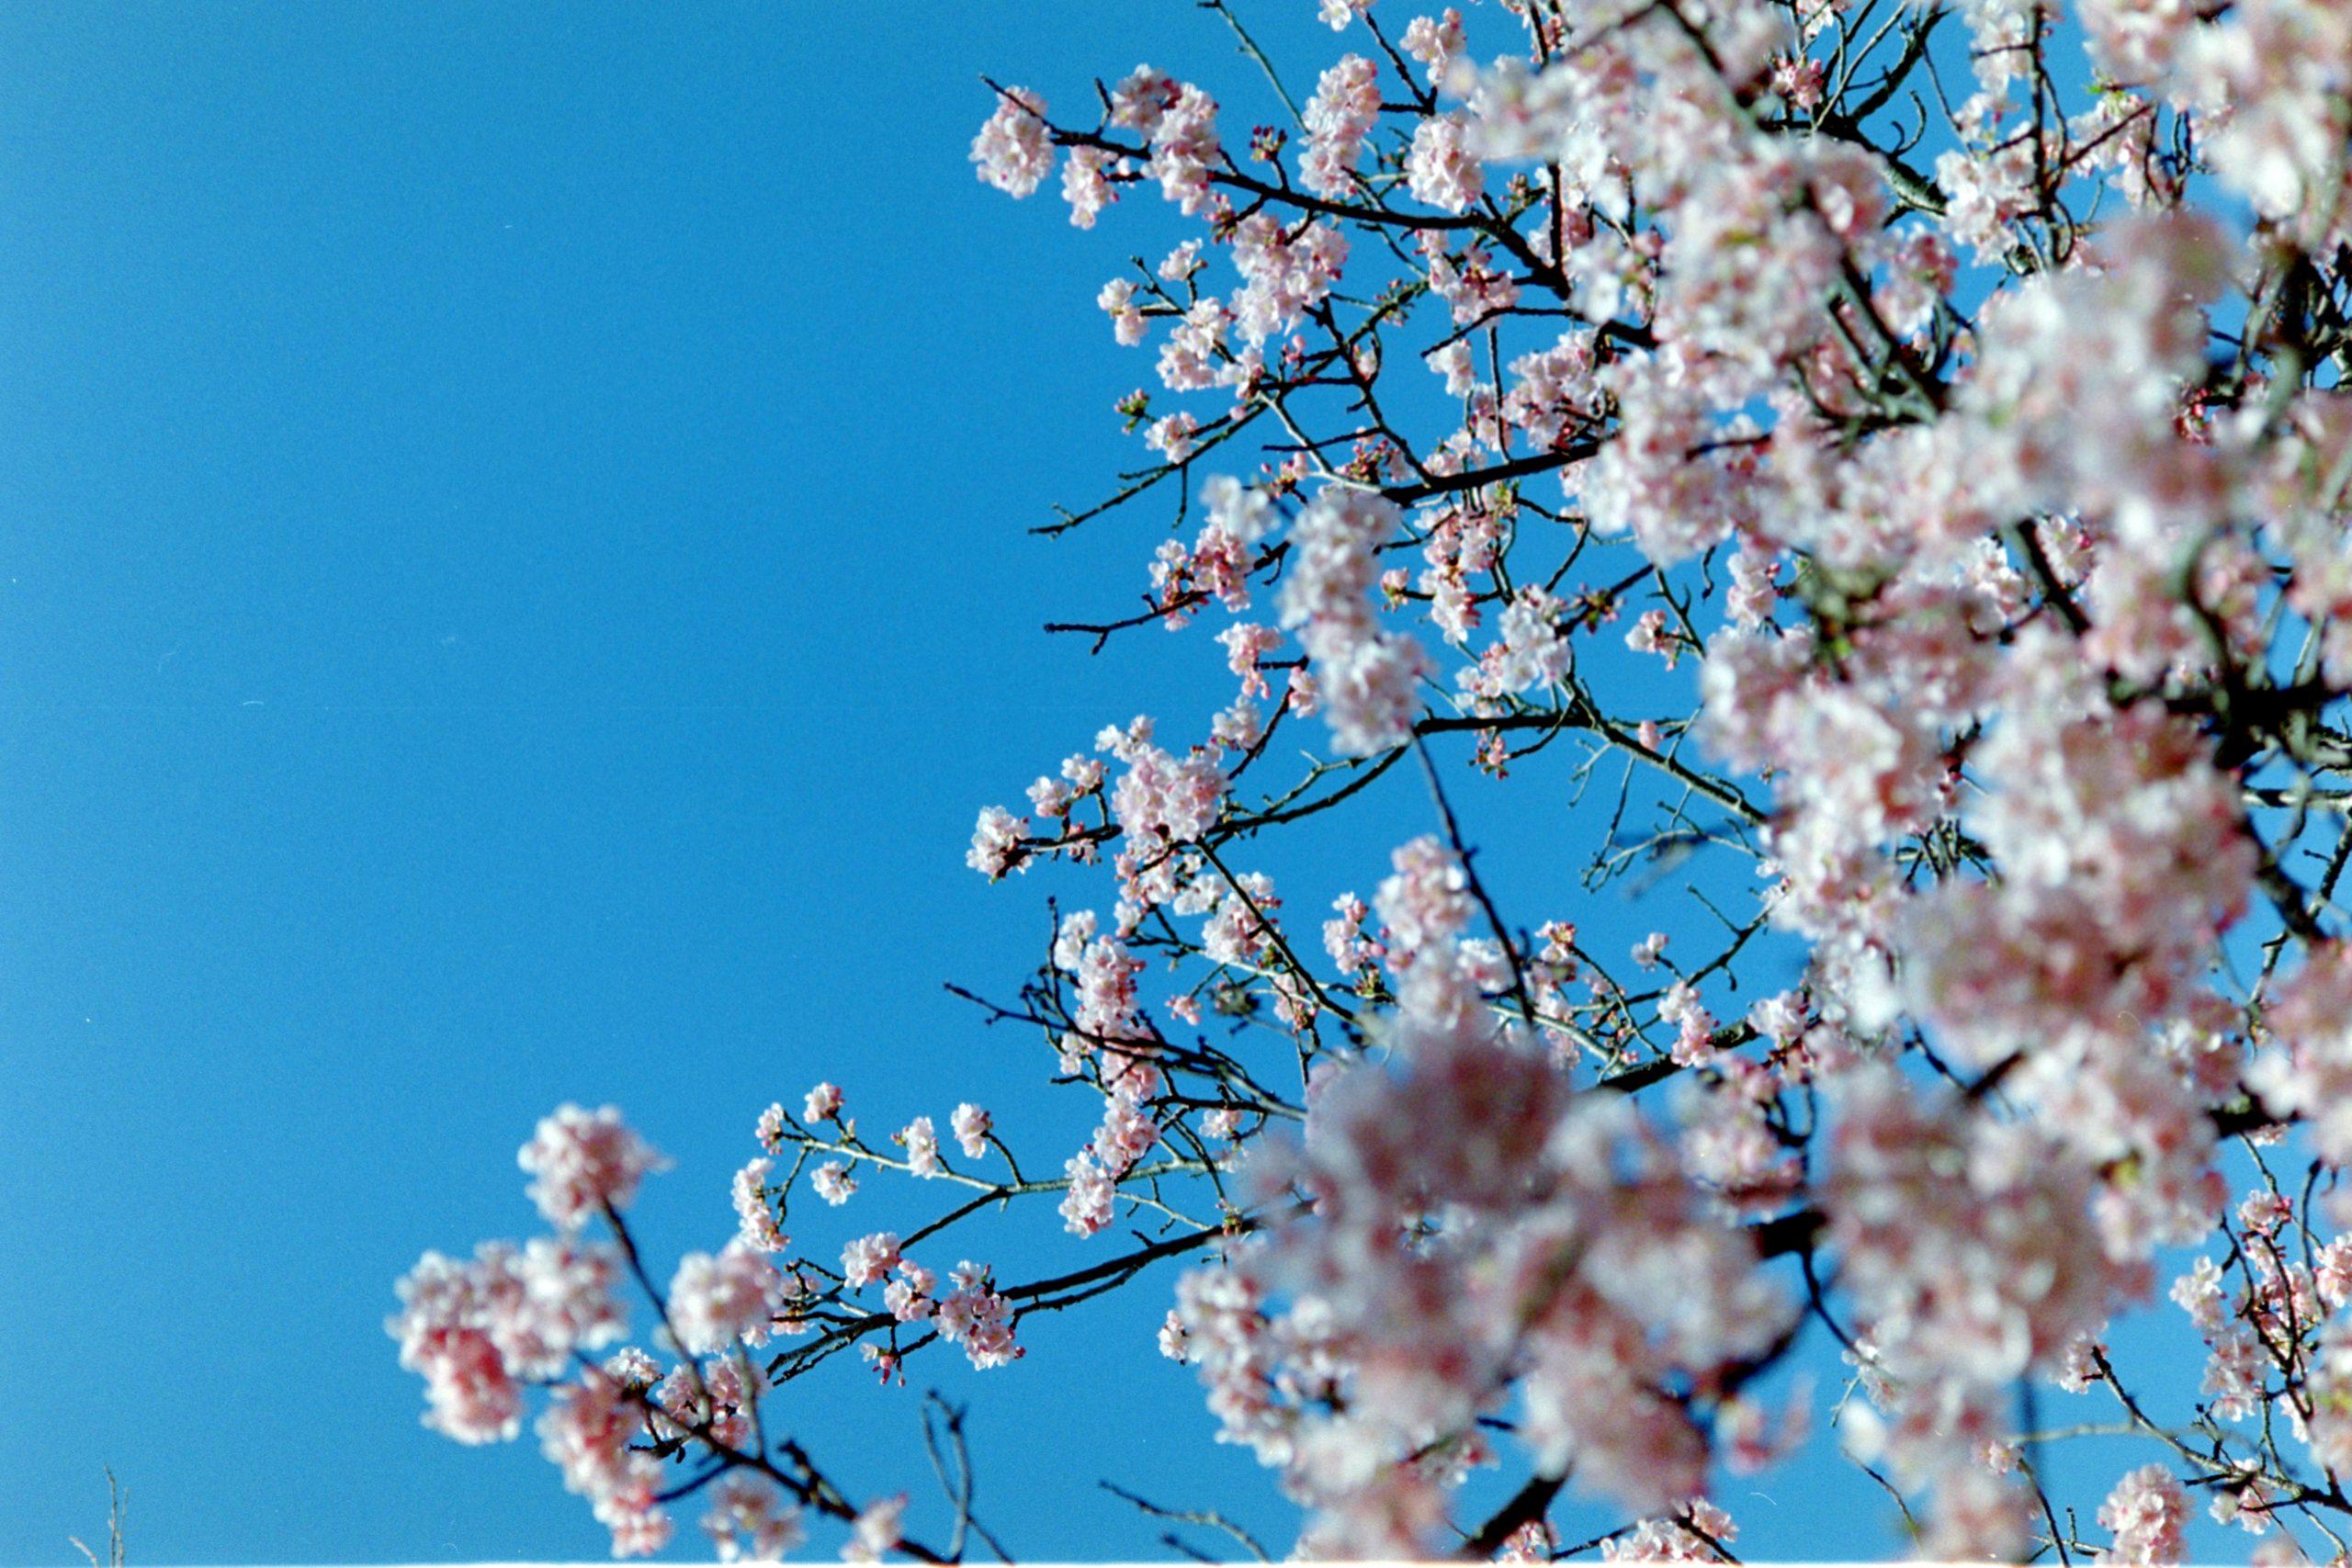 【CONTAX】今年の花見はフィルムスキャンで